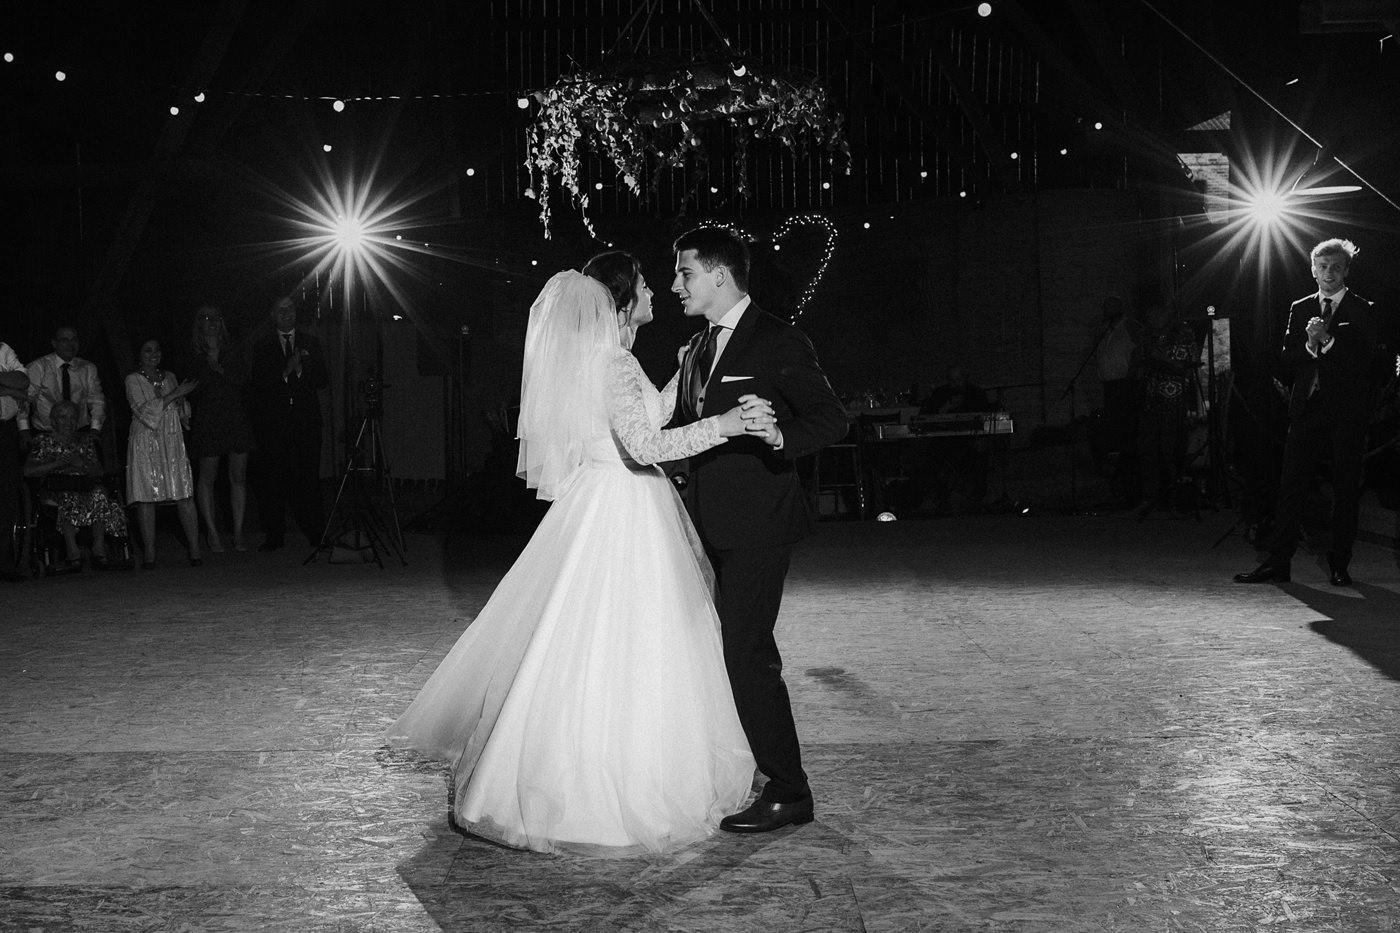 Dominika & Aleksander - Rustykalne wesele w stodole - Baborówko 106